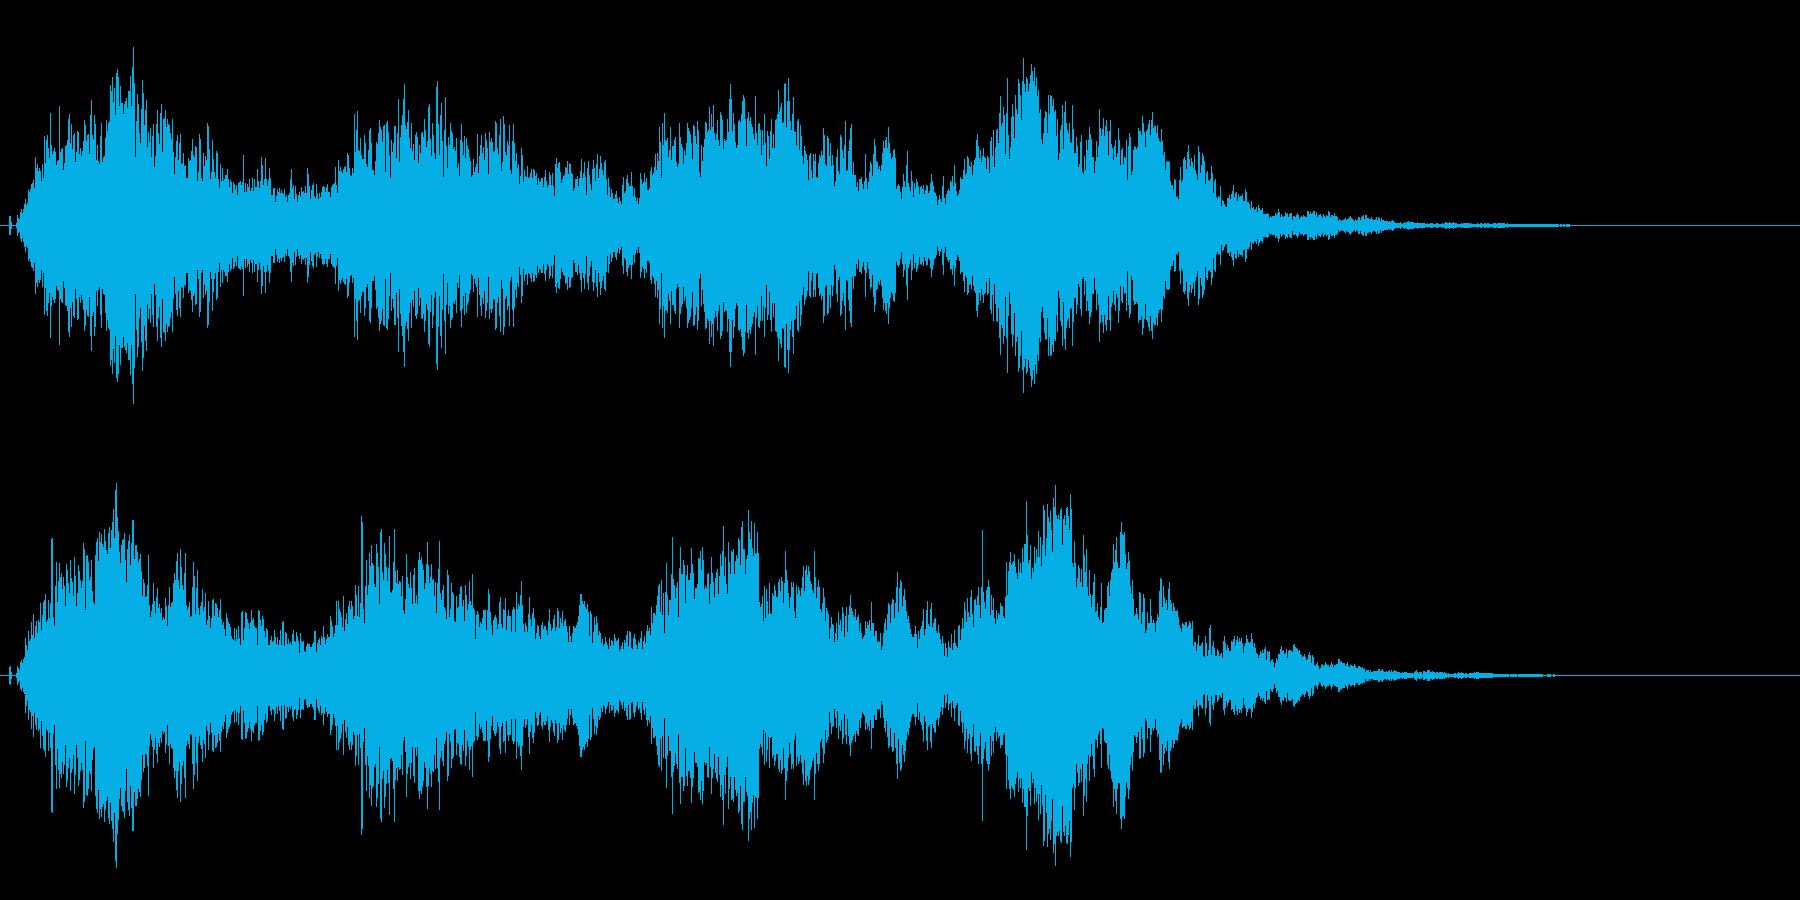 注意、警告音、警報の効果音です!05の再生済みの波形